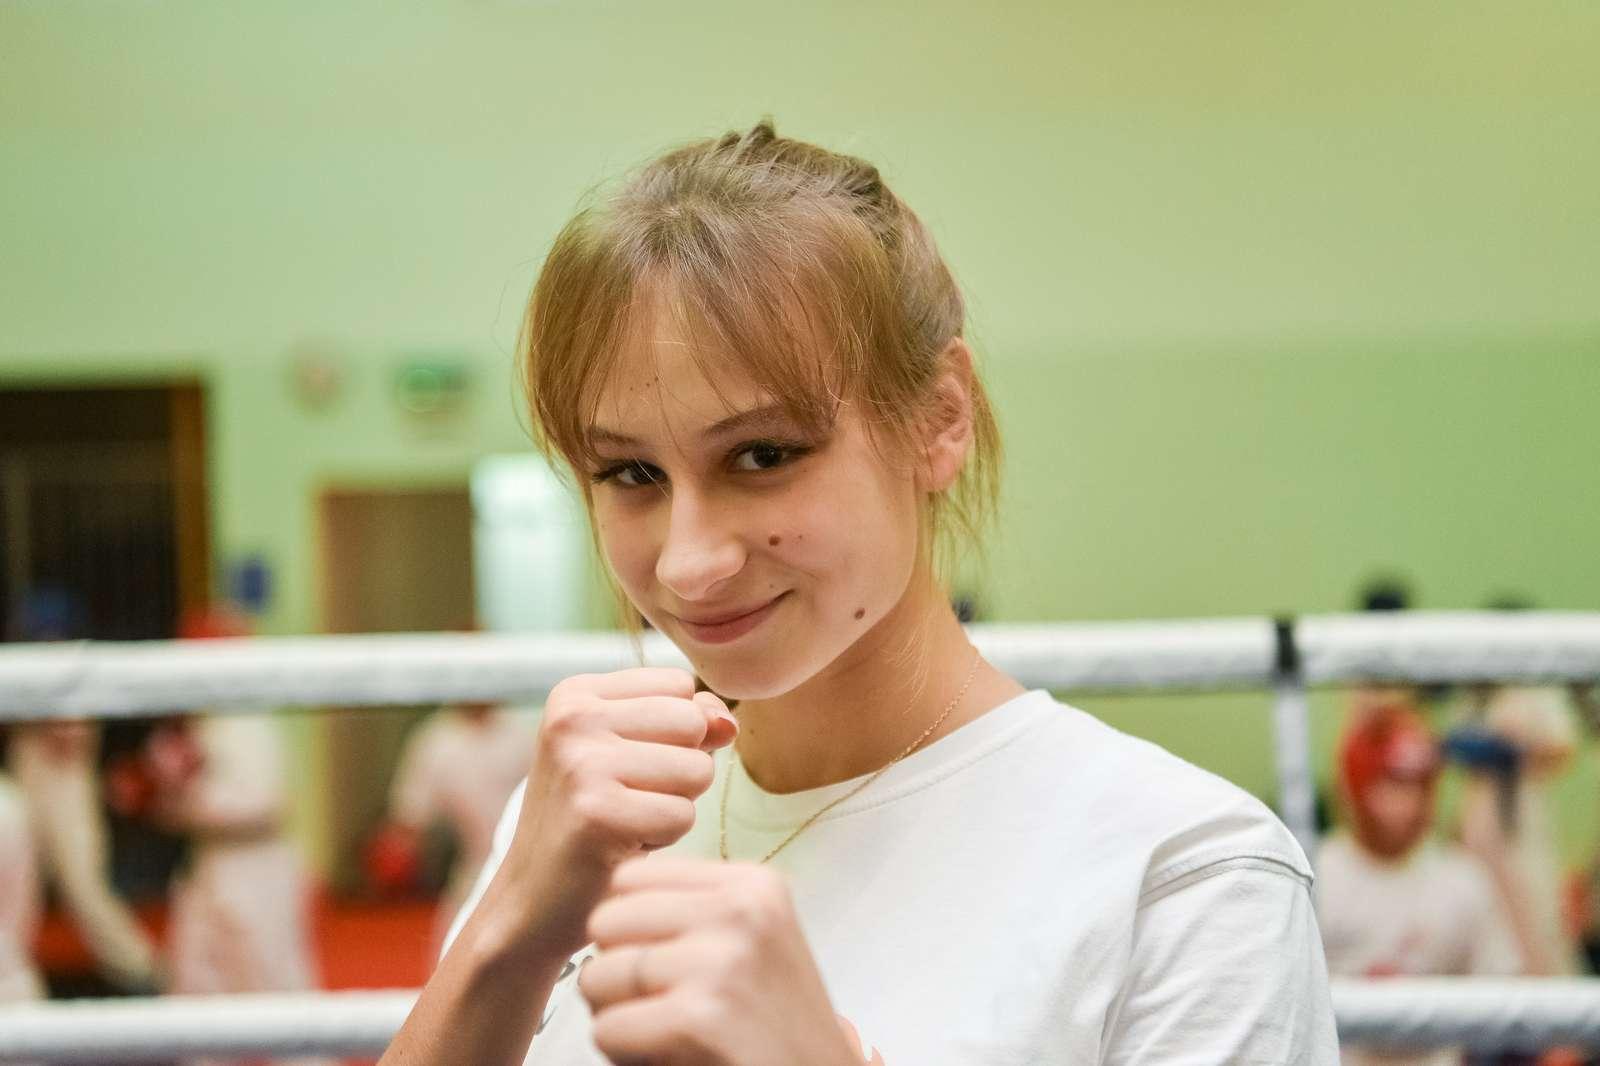 Спортсменка из Балашихи выиграла Кубок мира по кикбоксингу в 15 лет | Изображение 2